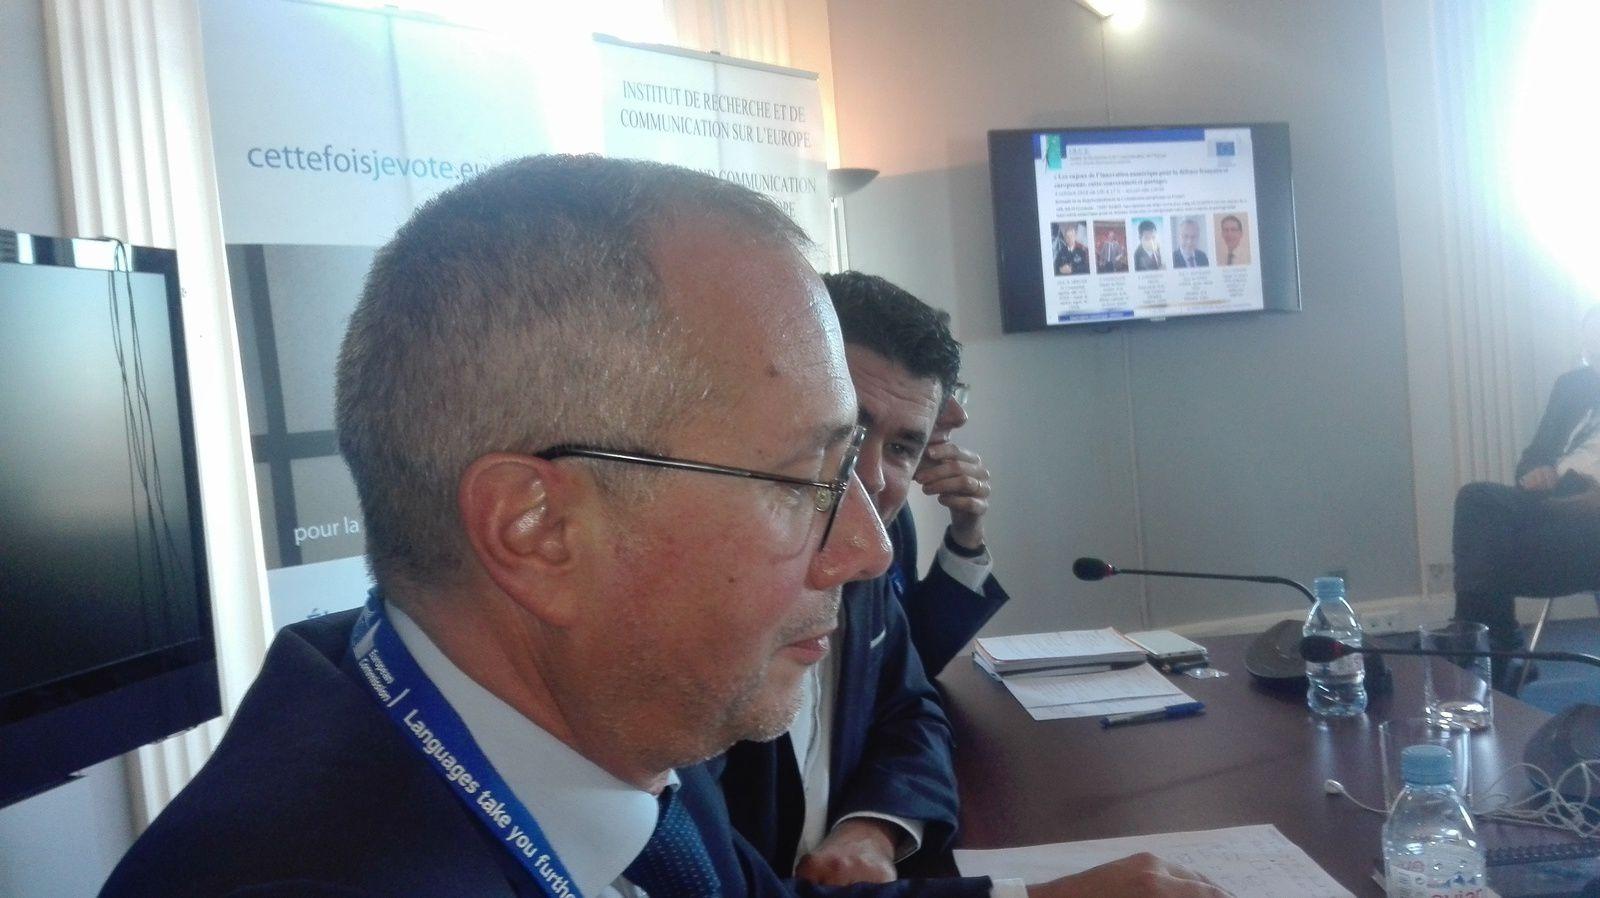 4 OCT : «Les enjeux de l'innovation numérique  pour la défense française et européenne,  entre souveraineté et partage»